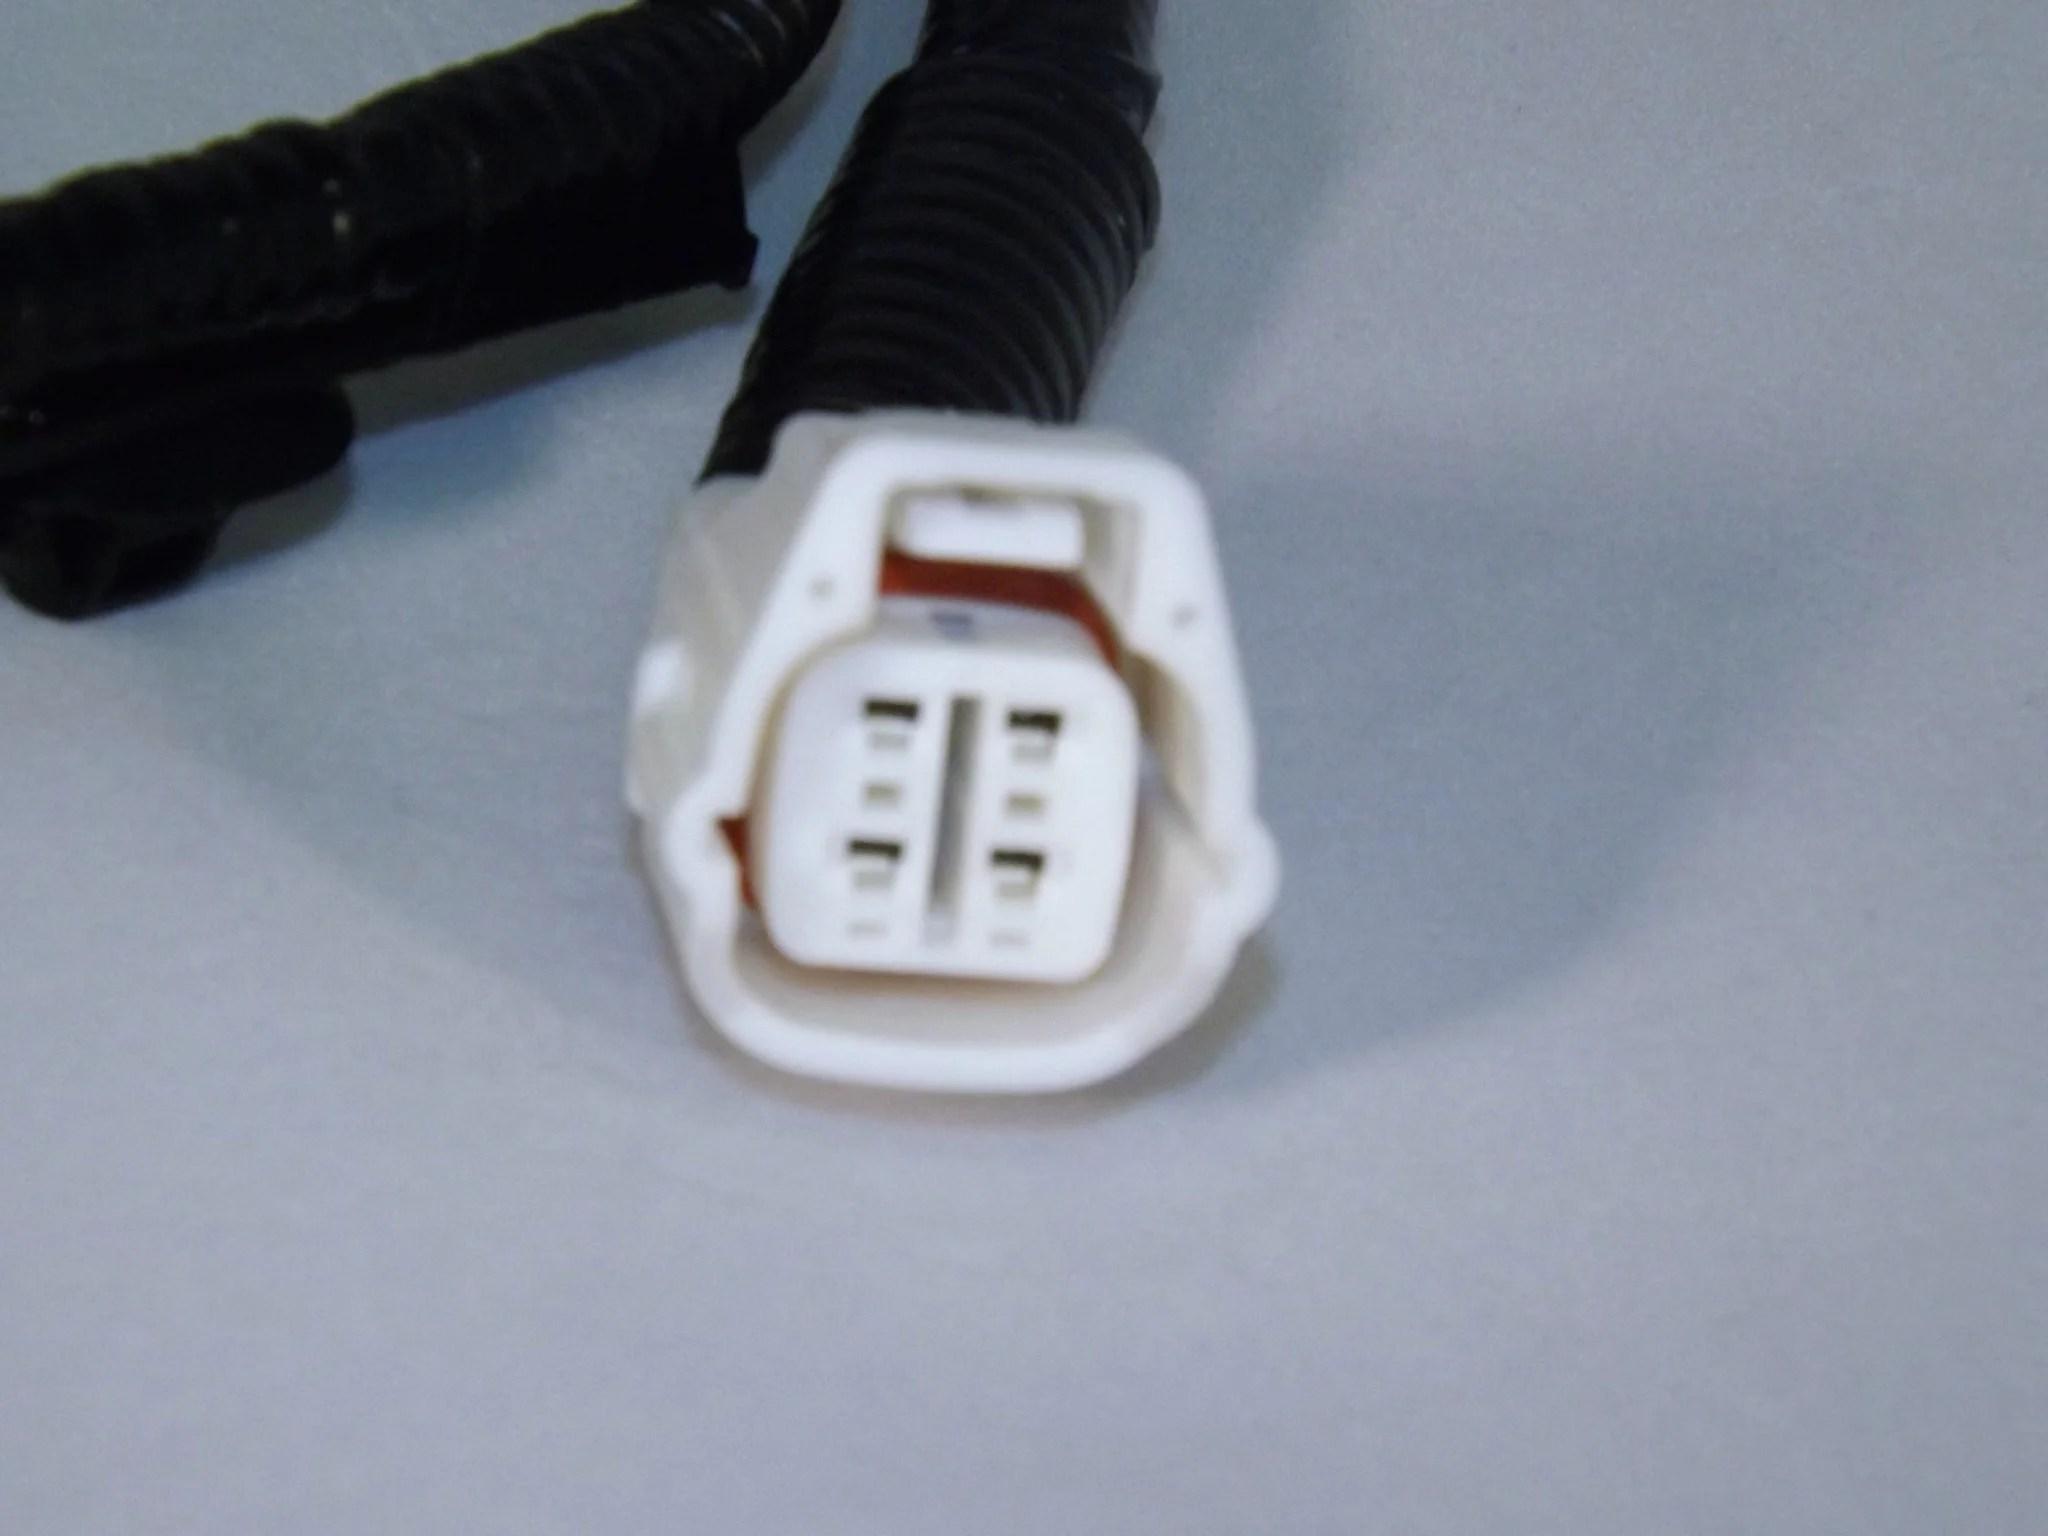 2013 Tundra Wiring Diagram 2009 13 Toyota Tacoma Tailgate Locking Handle Backup